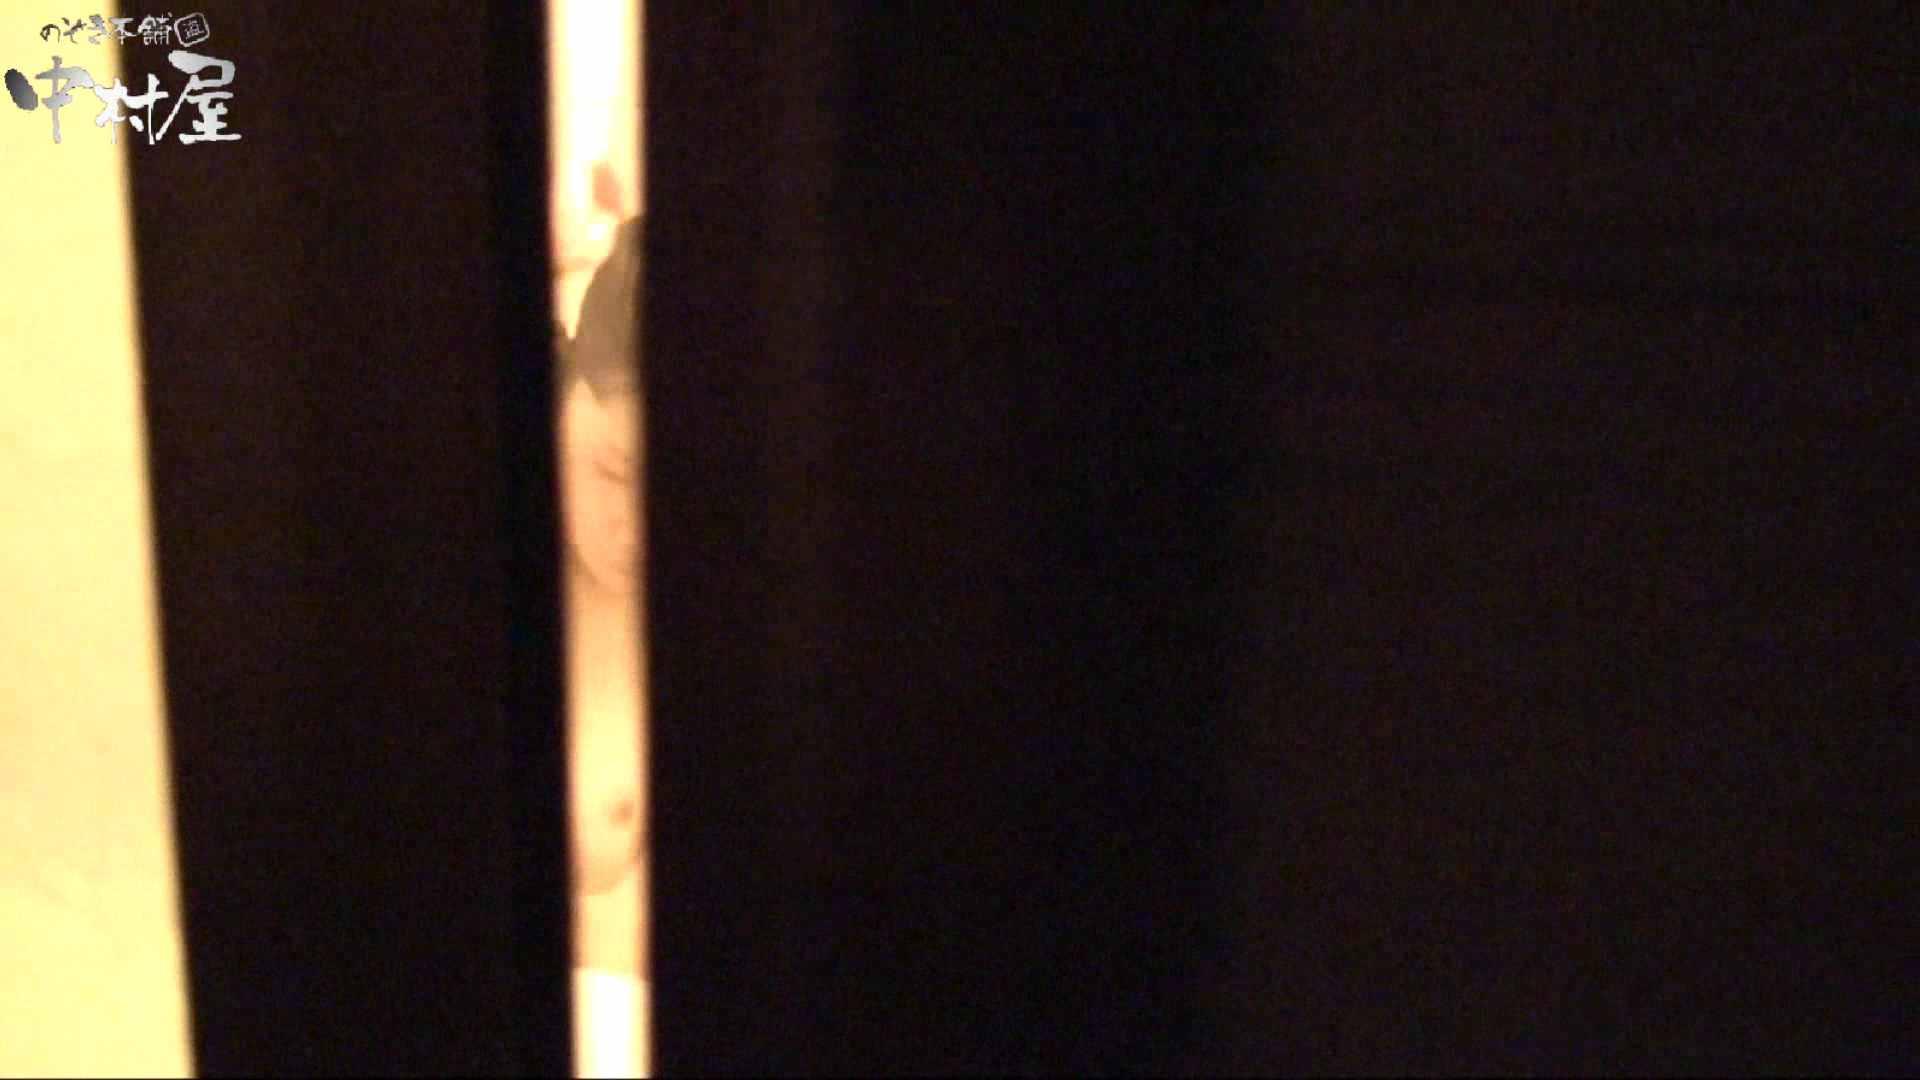 盗撮おまんこ 民家風呂専門盗撮師の超危険映像 vol.025 のぞき本舗 中村屋